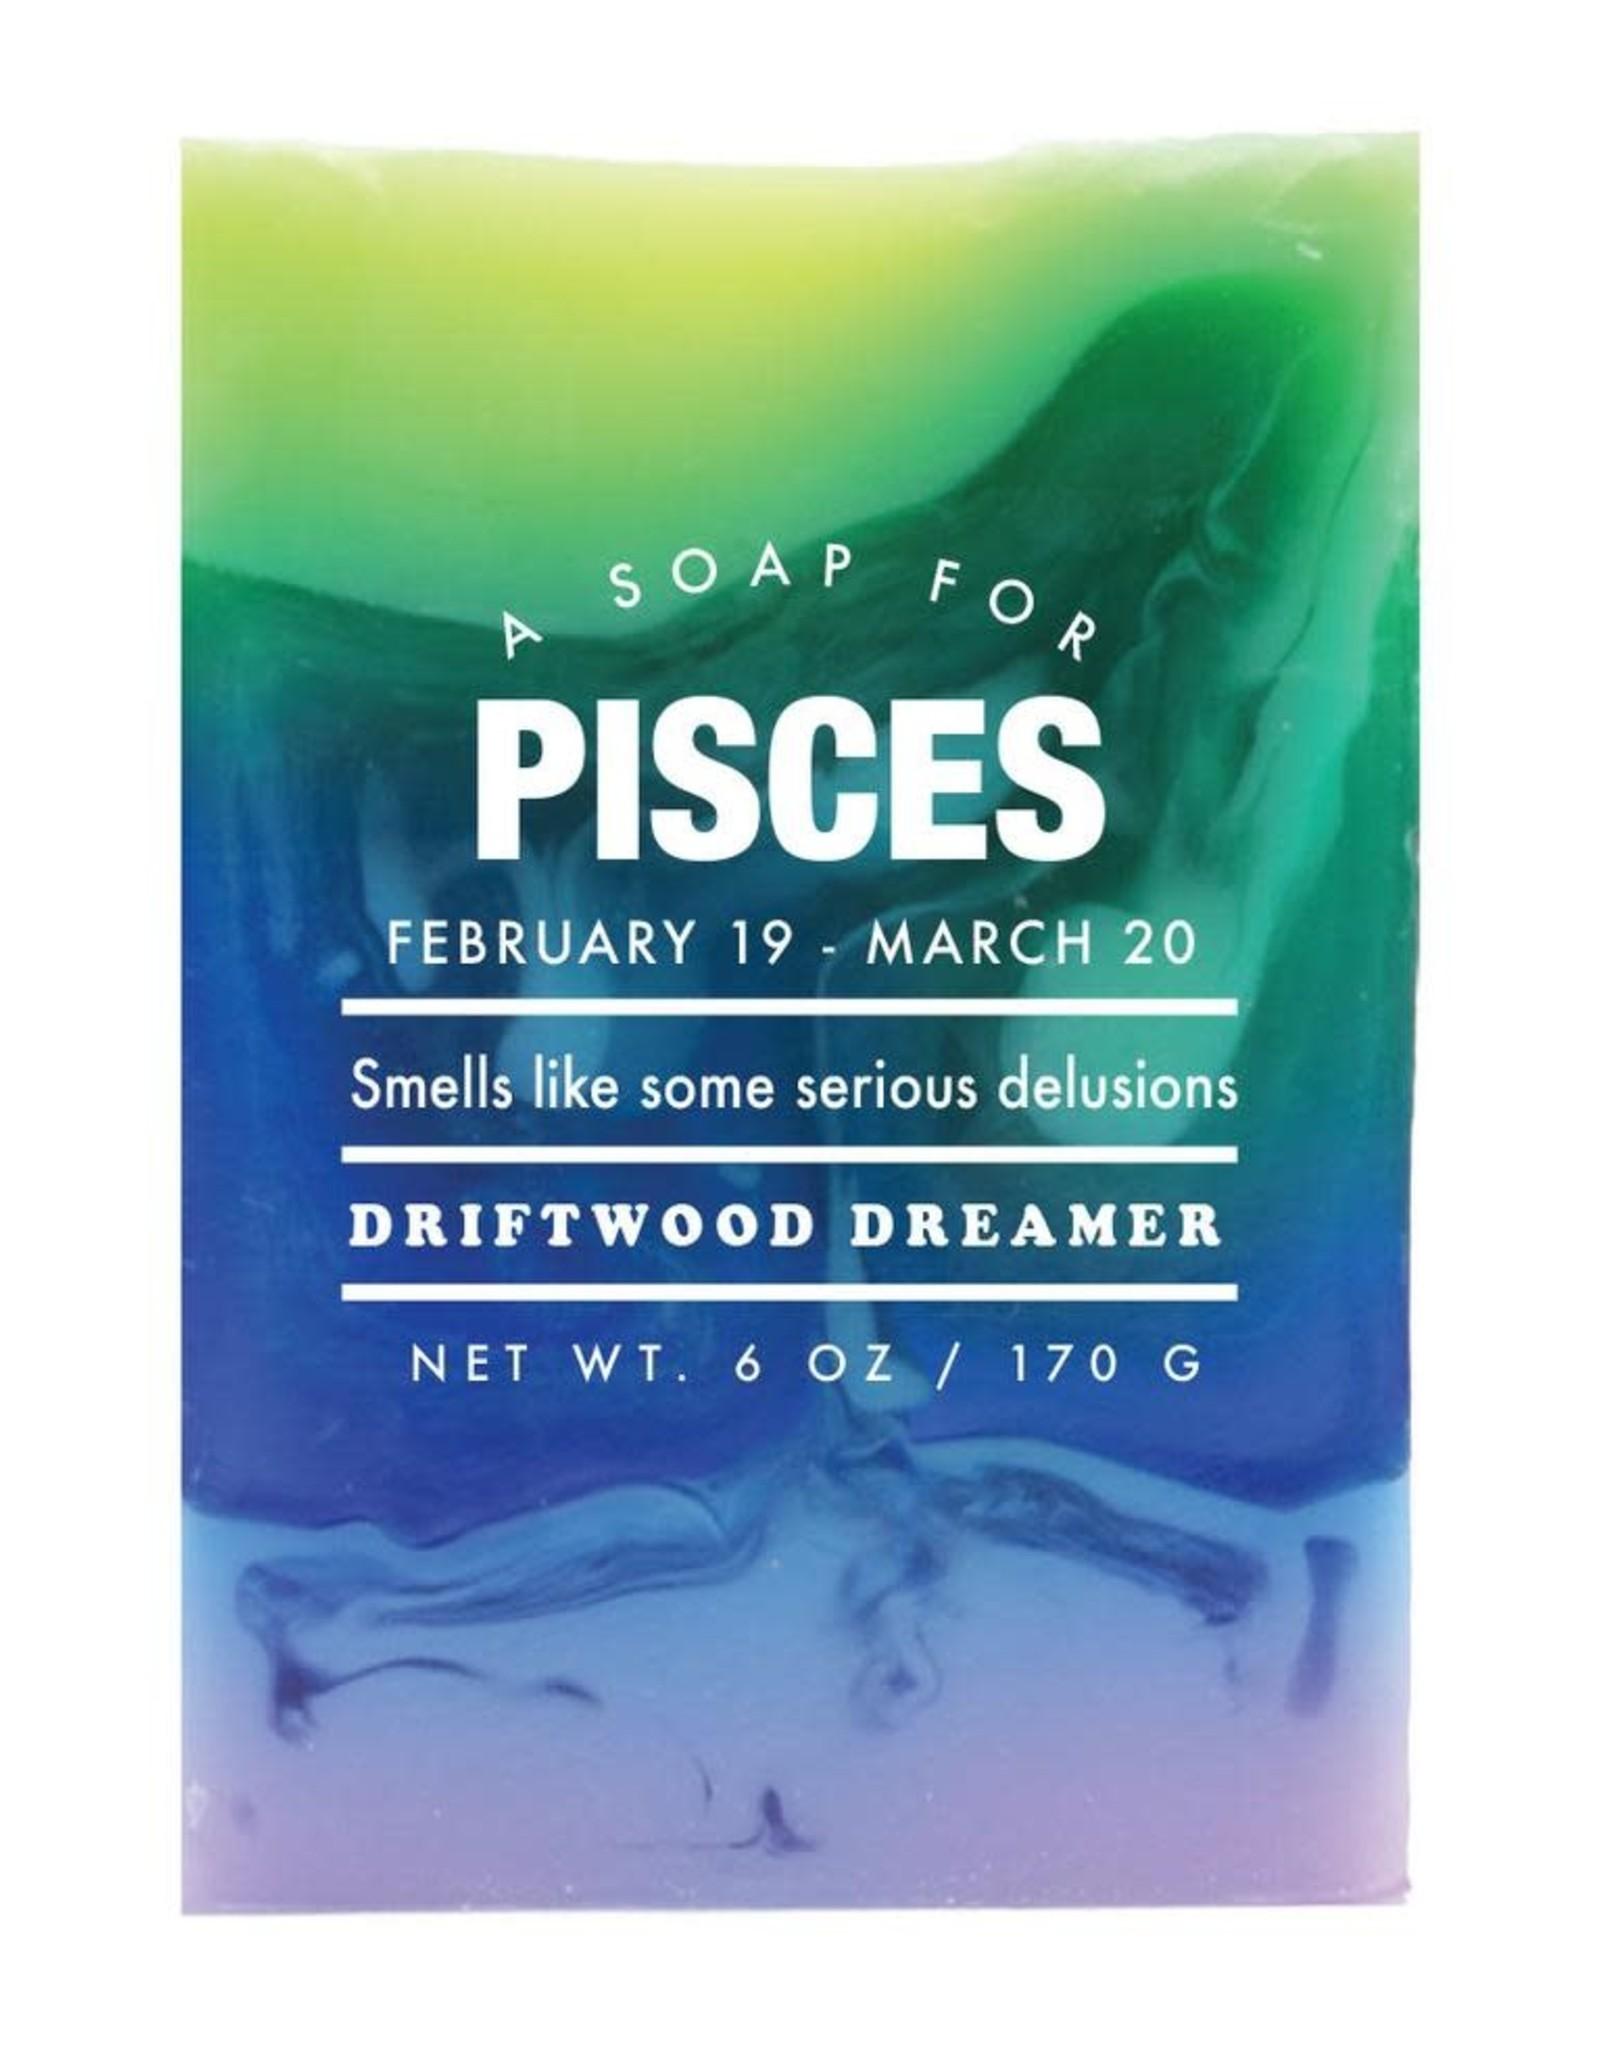 WER - Soap/ Pisces 6 oz